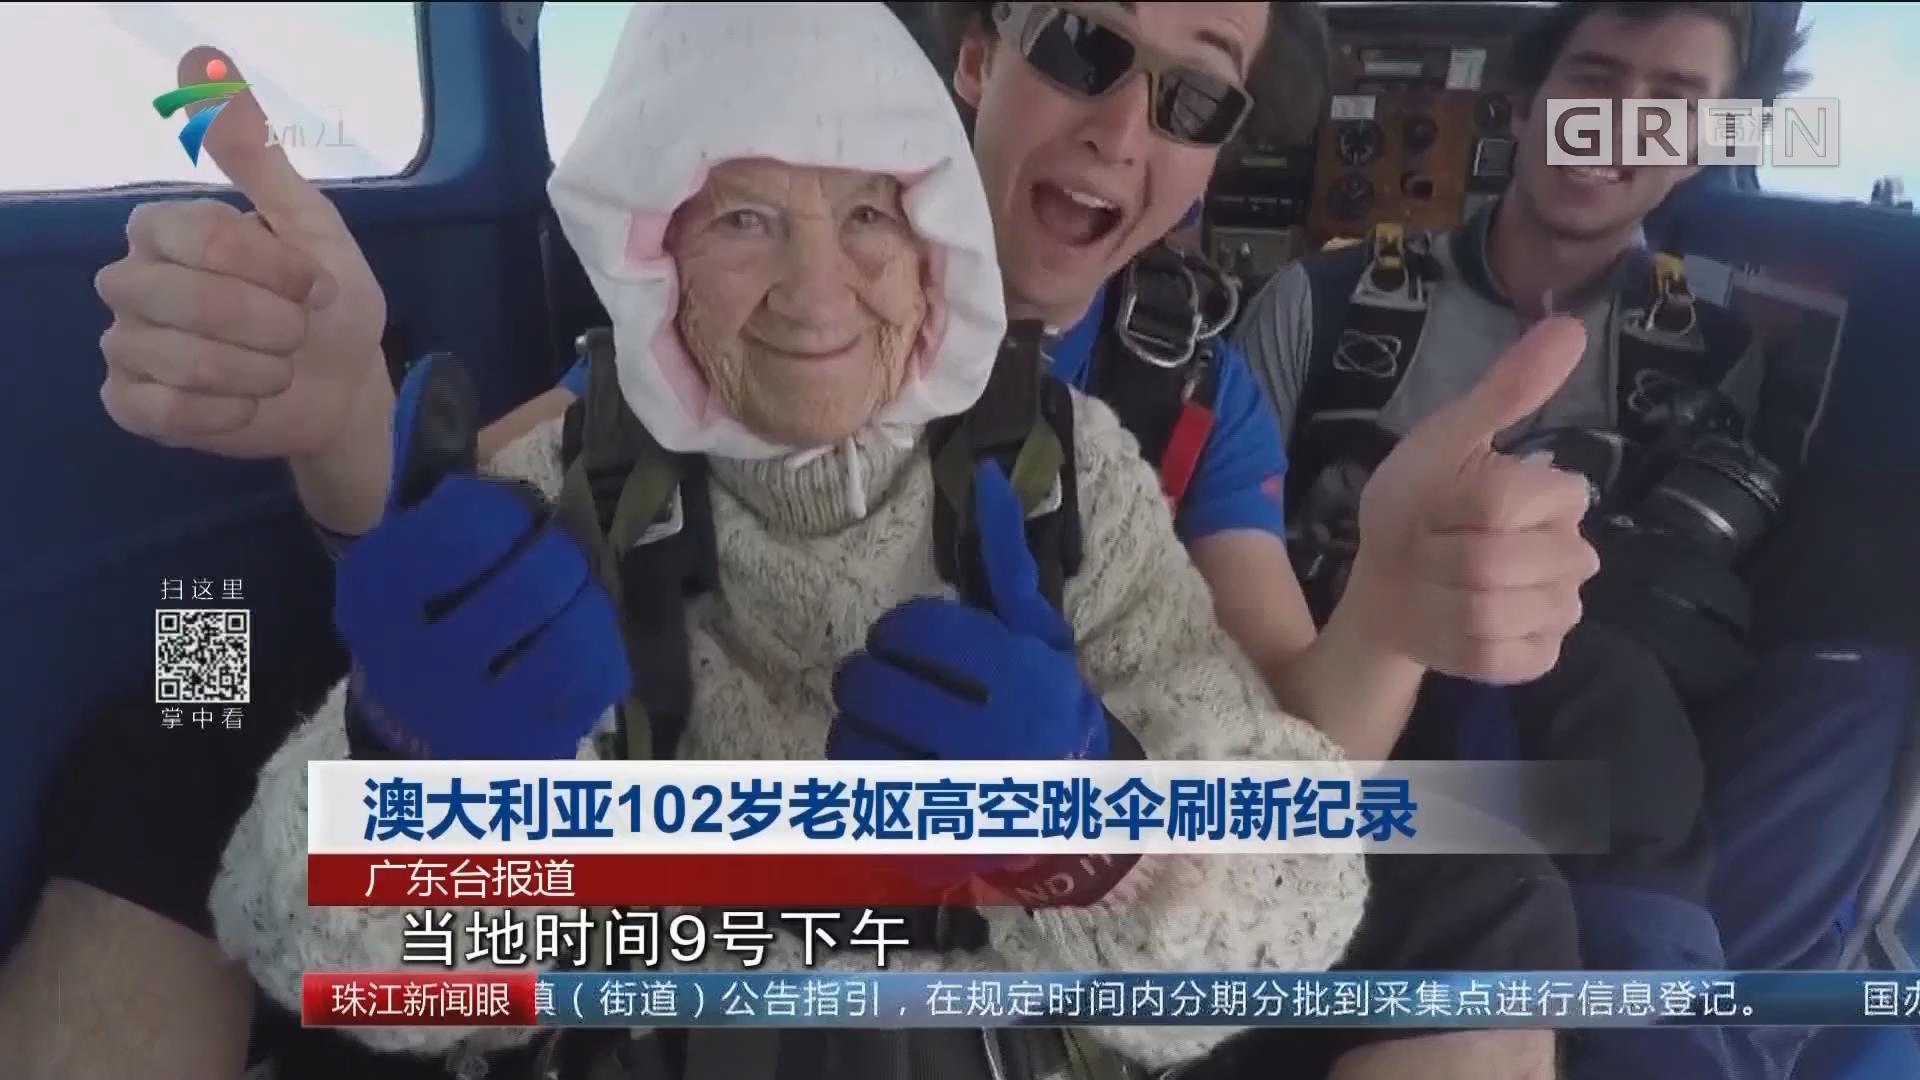 澳大利亚102岁老妪高空跳伞刷新纪录